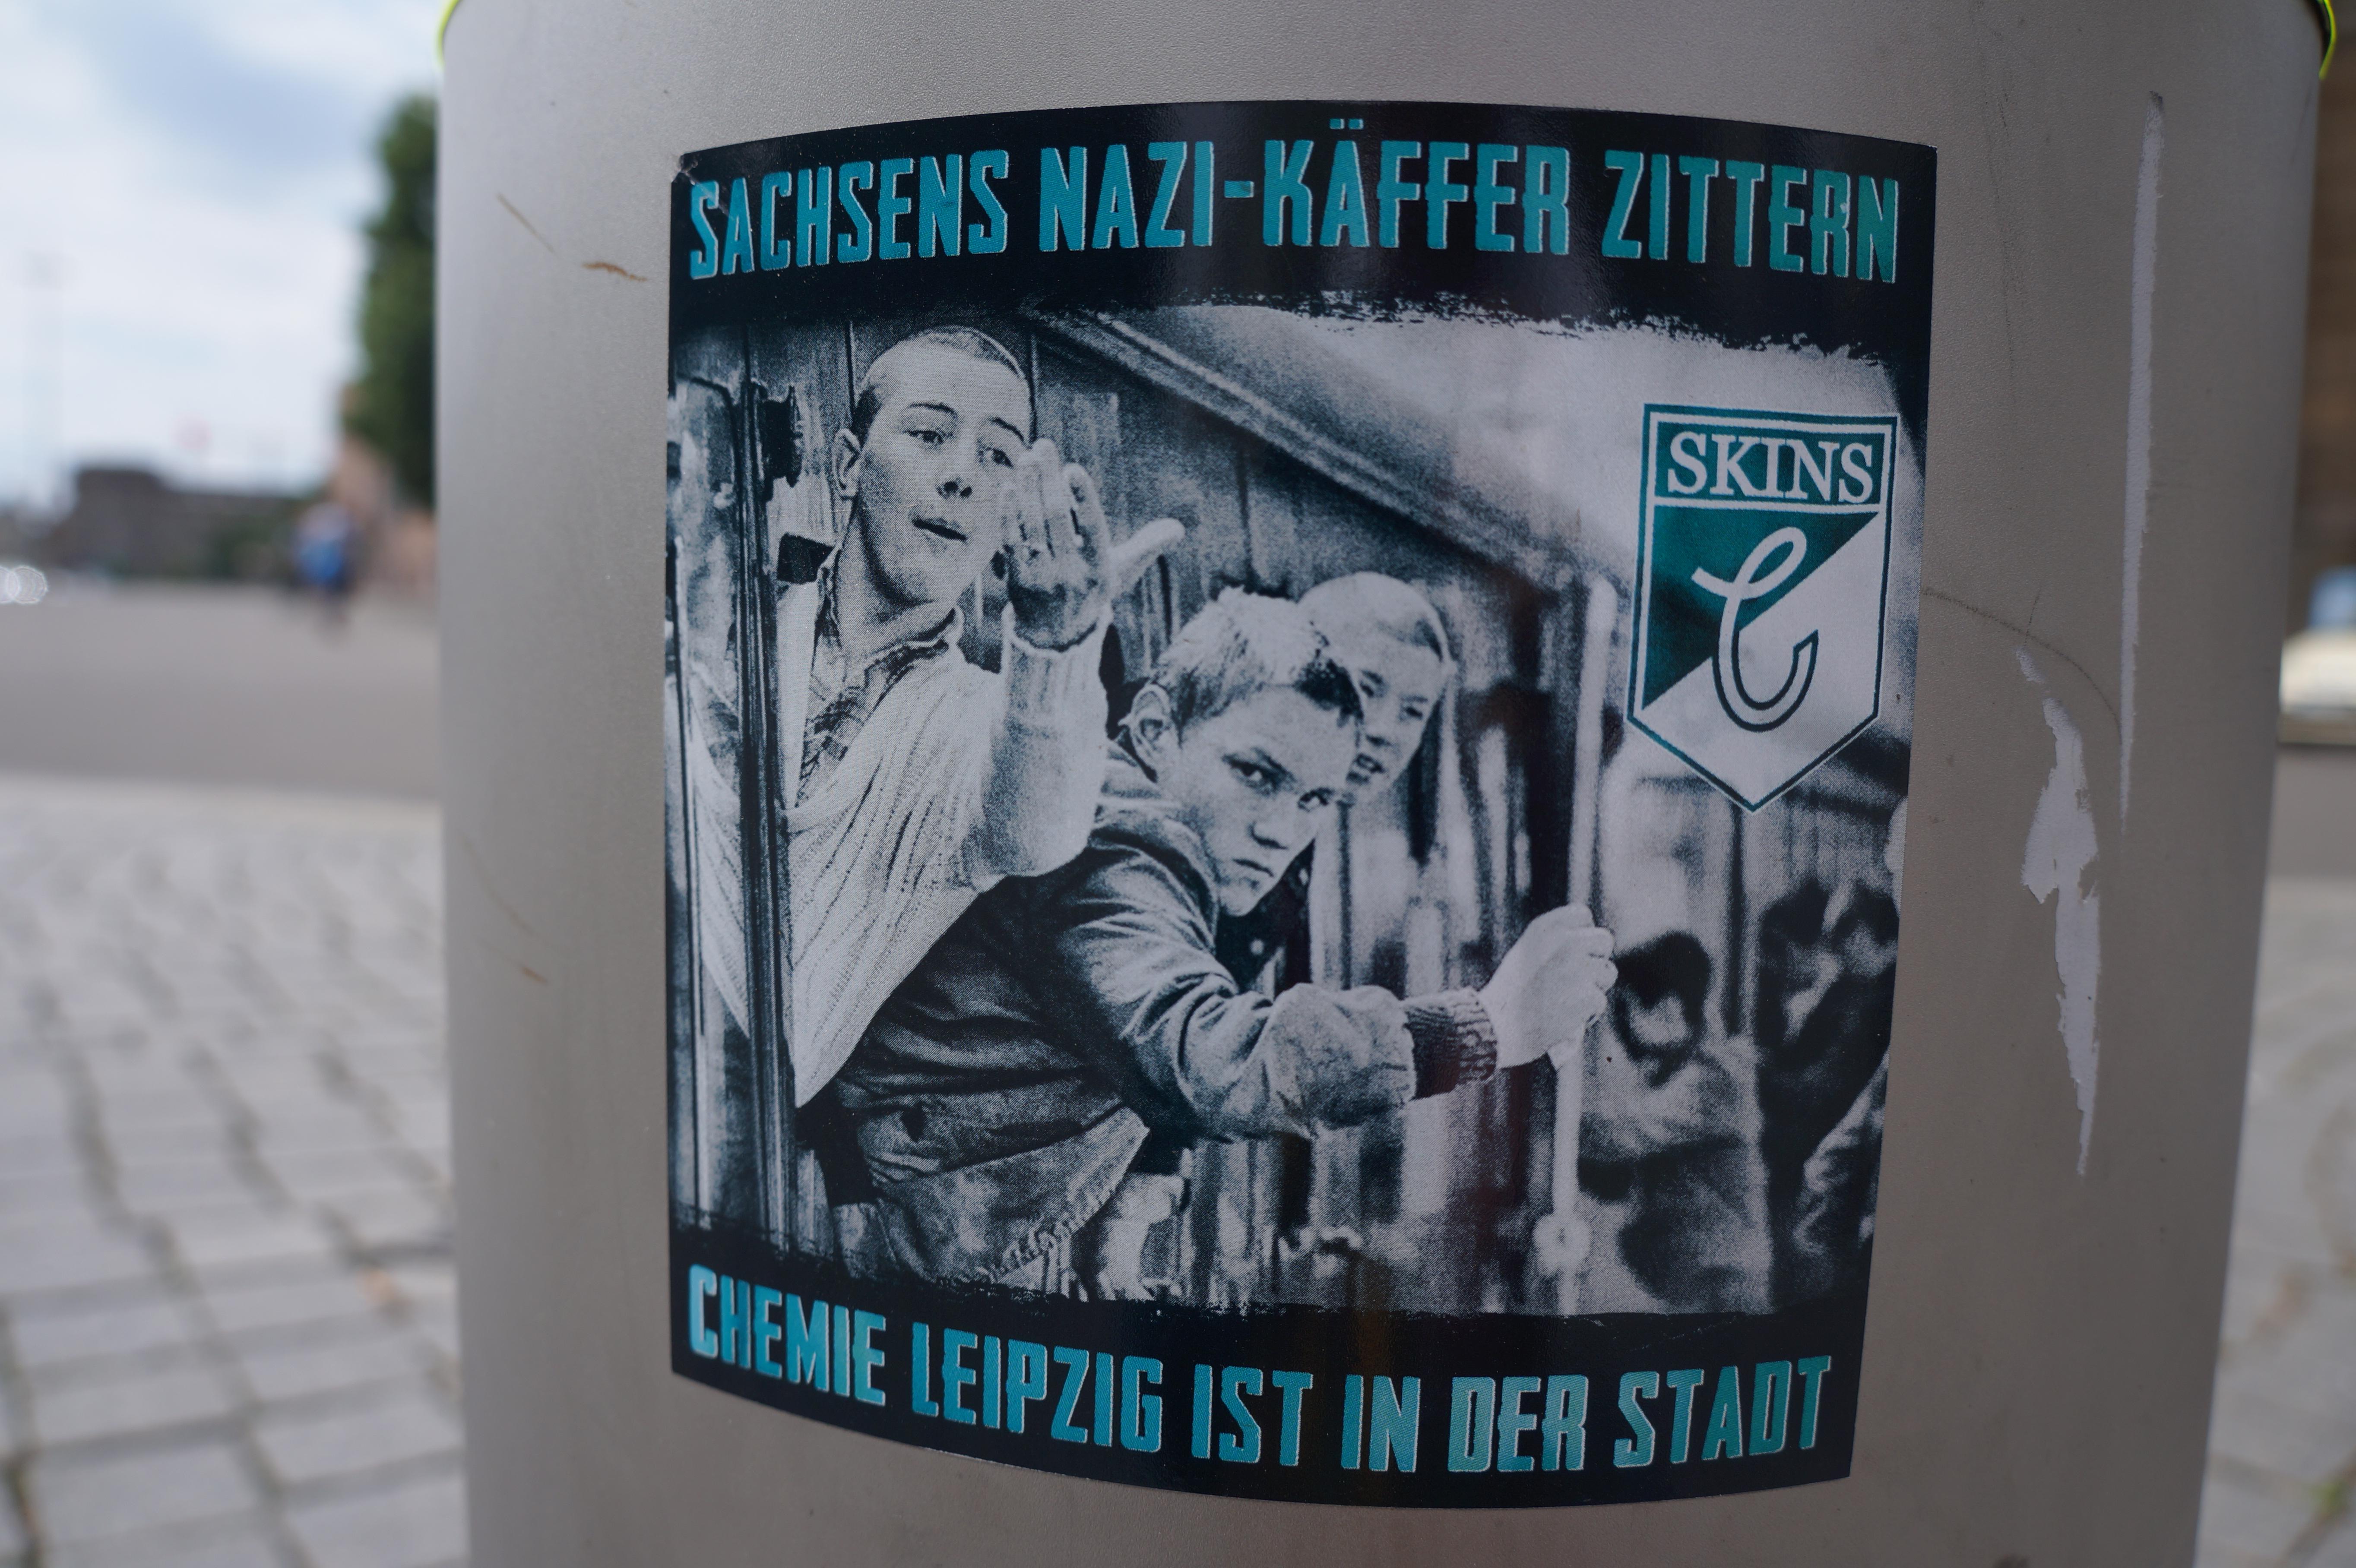 Chemie Leipzig ist in der Stadt